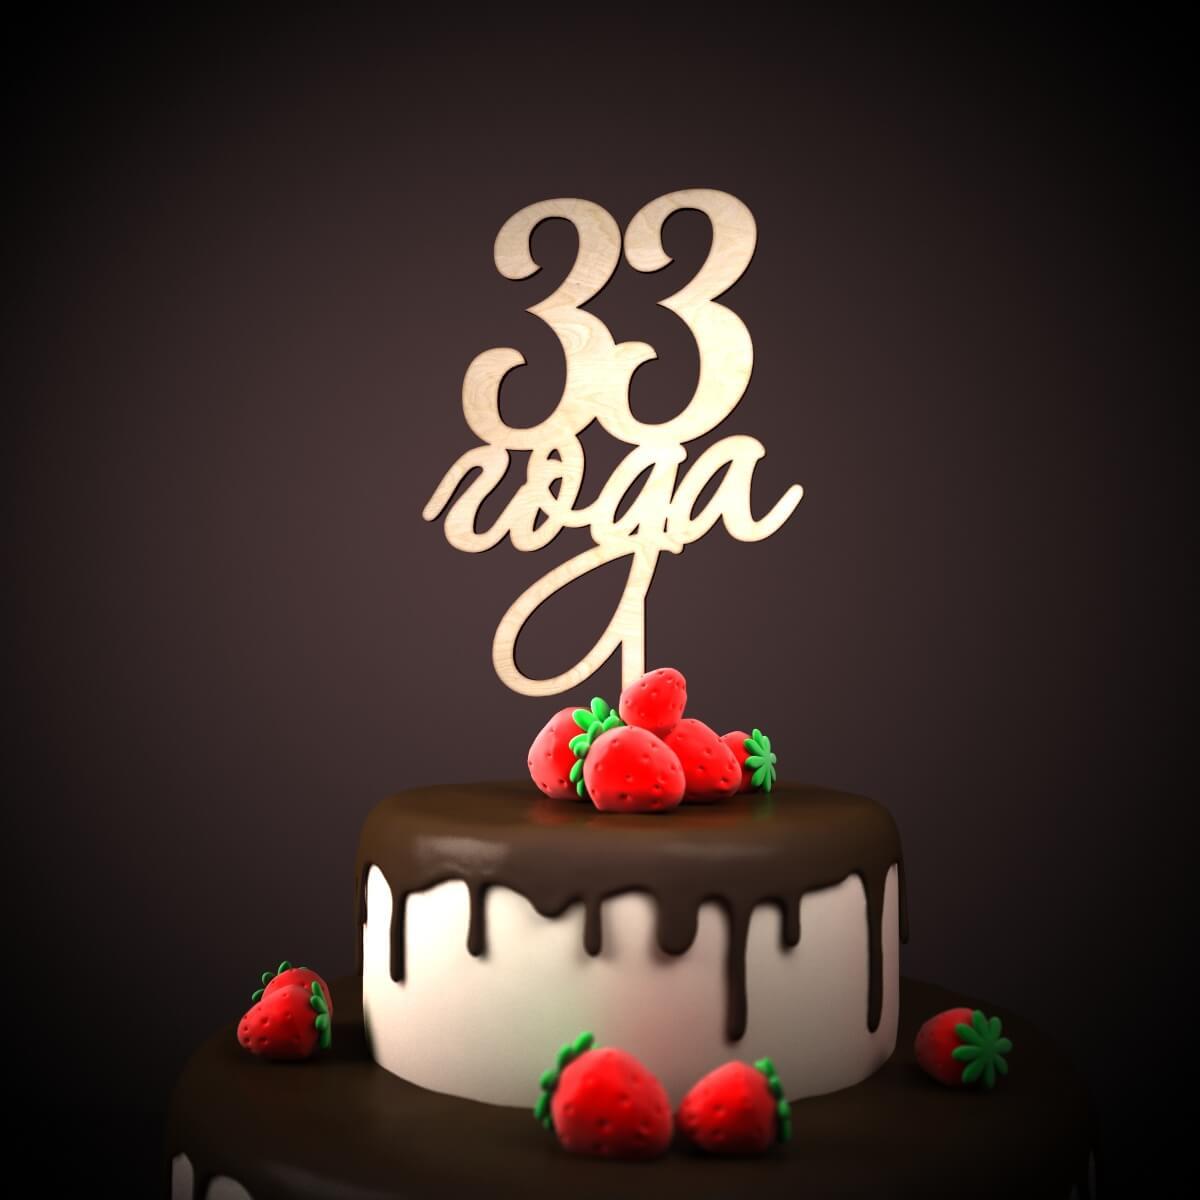 Открытки мужчине с Днем Рождения 33 года лучшая подборка (7)